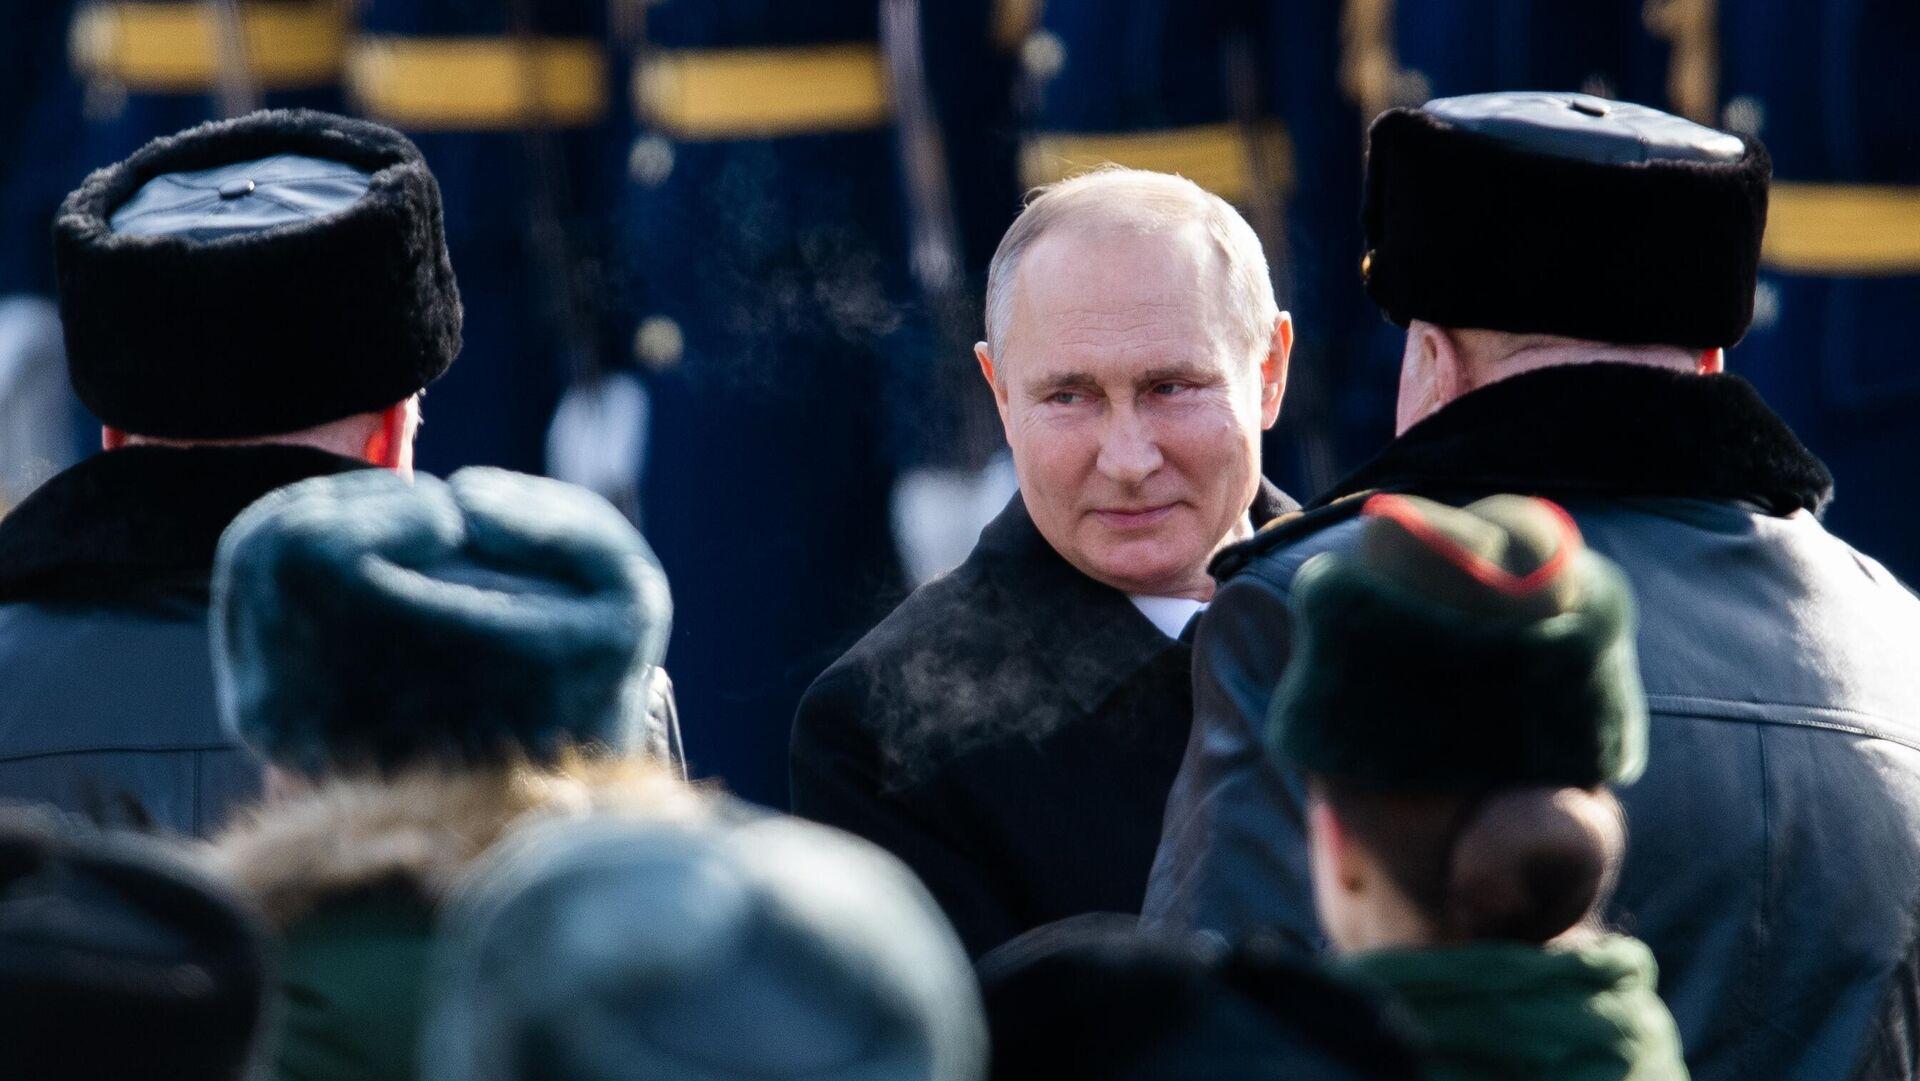 Vladímir Putin, el presidente de Rusia, deposita una ofrenda floral en la Tumba del Soldado Desconocido el 23 de febrero de 2021 - Sputnik Mundo, 1920, 24.02.2021